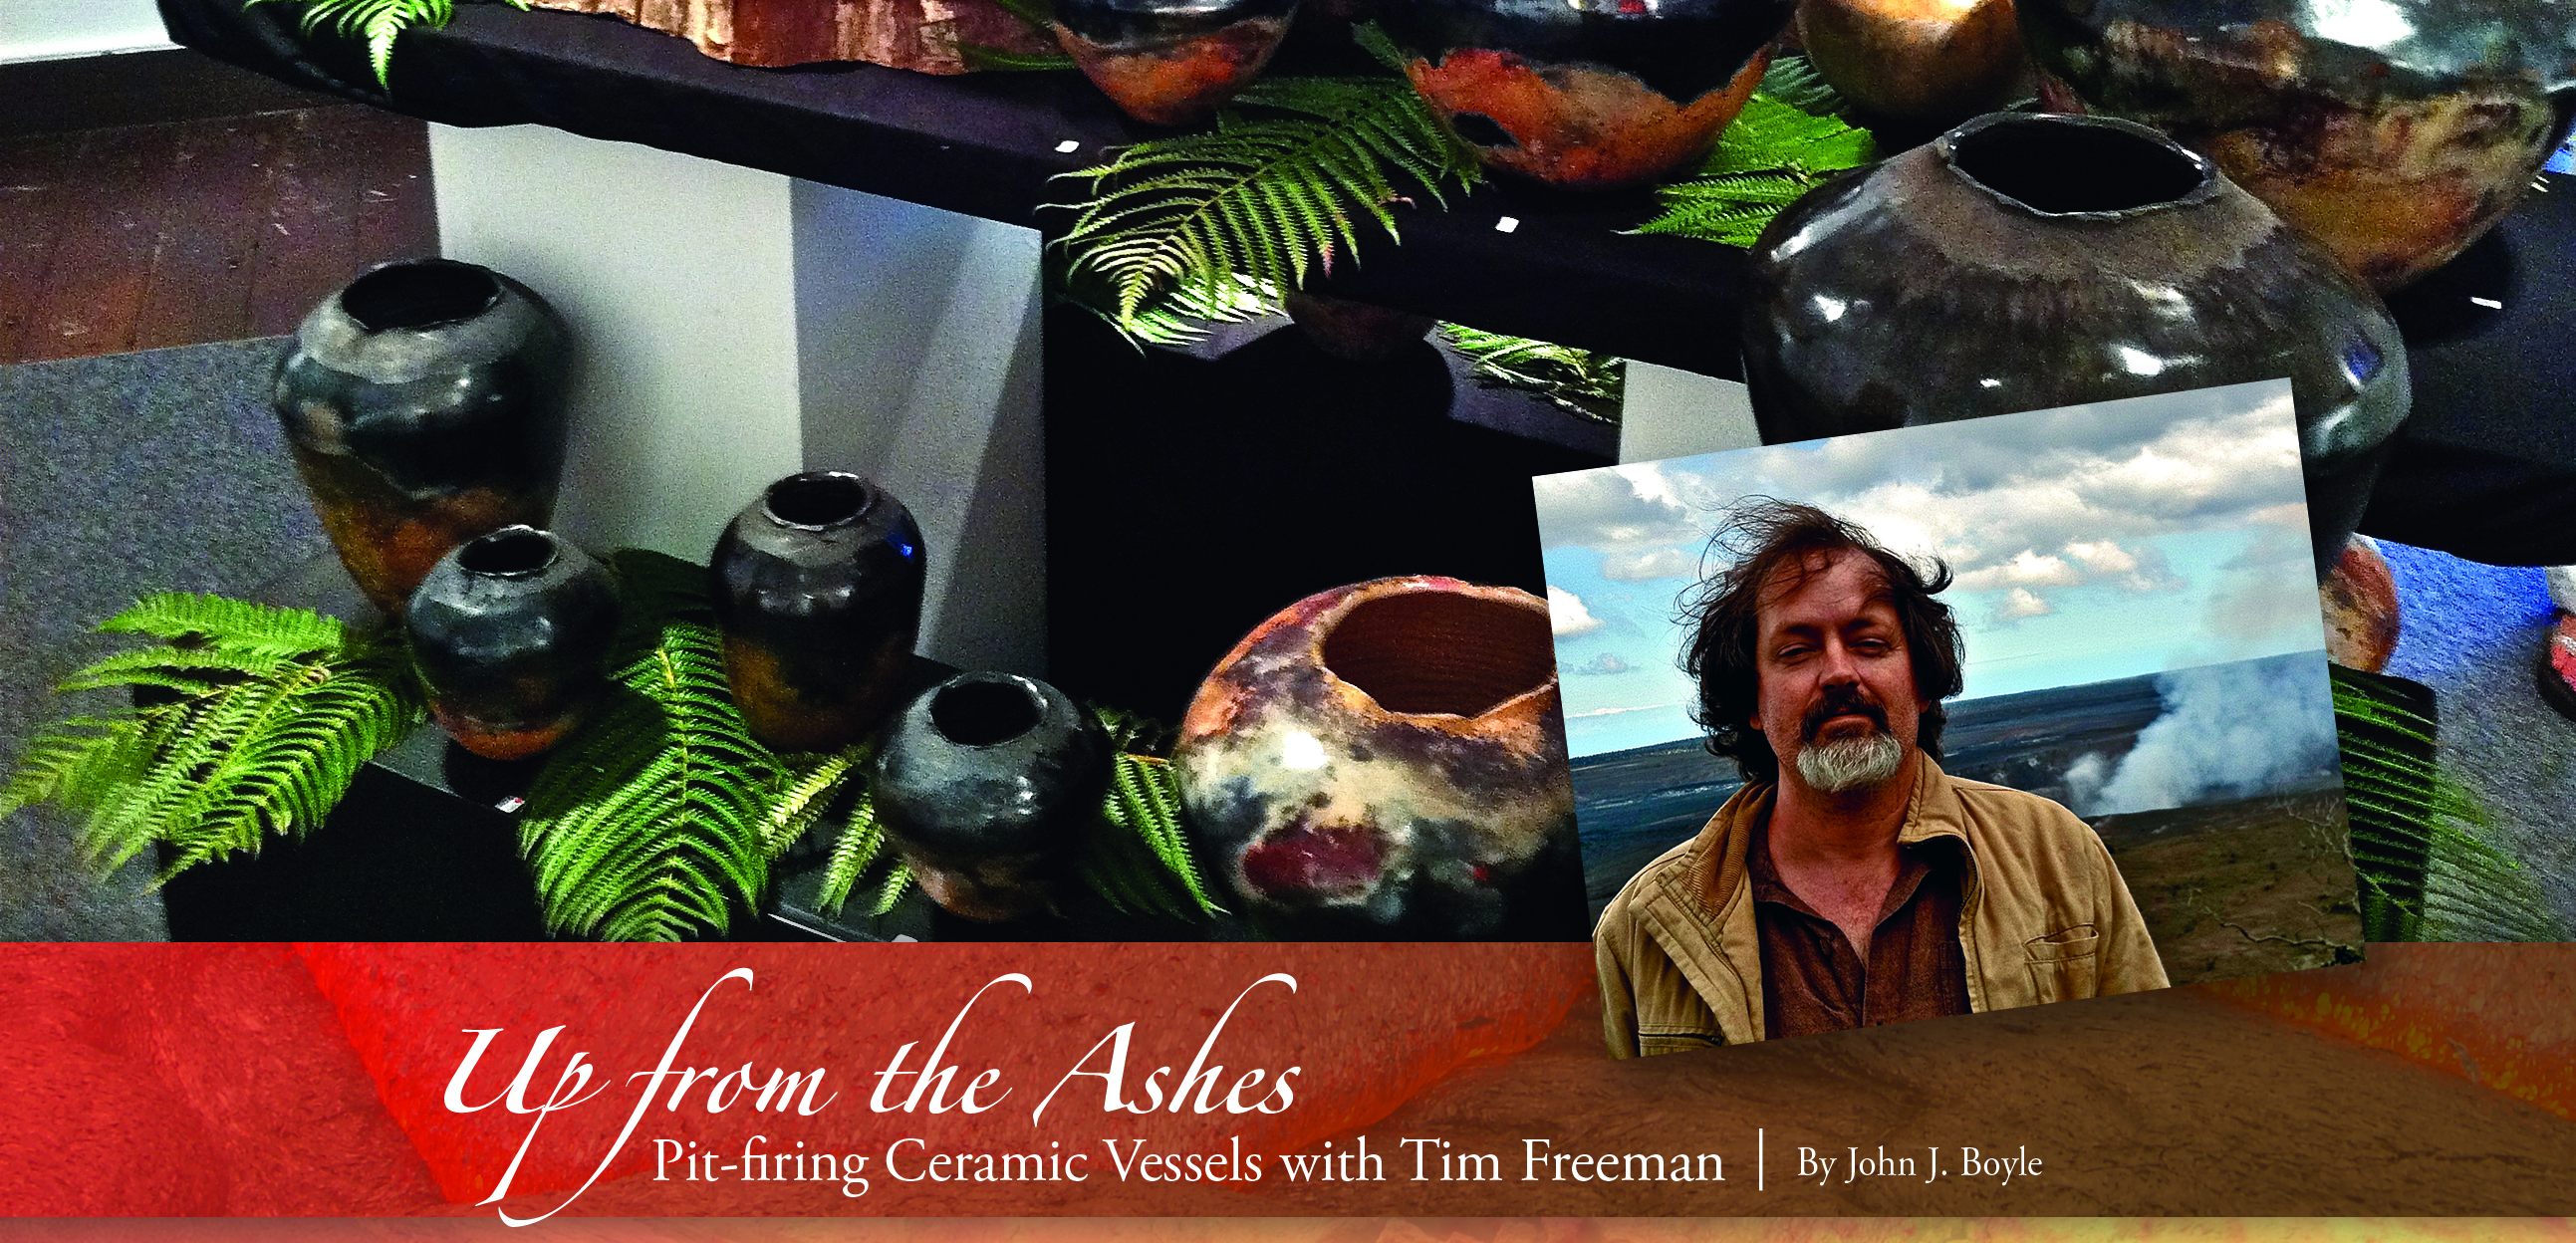 Tim Freeman Pit-Fired Ceramics - pgA